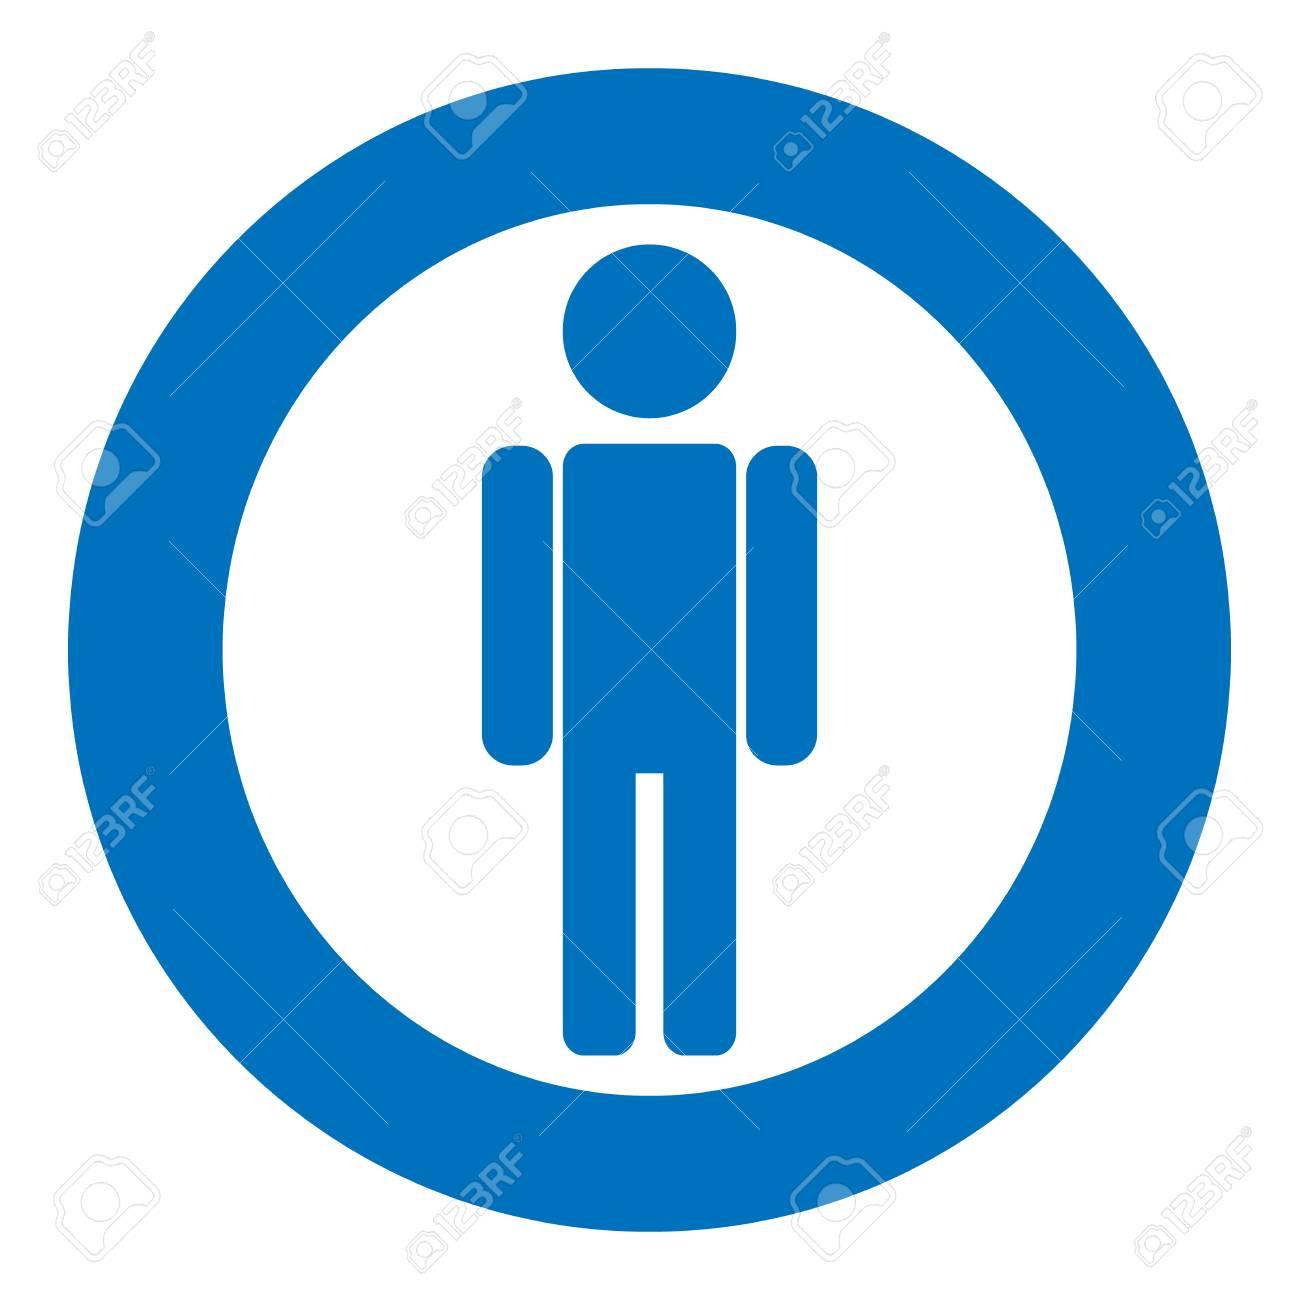 Gender icon symbol. Male boy man icon. Blue vector symbol..